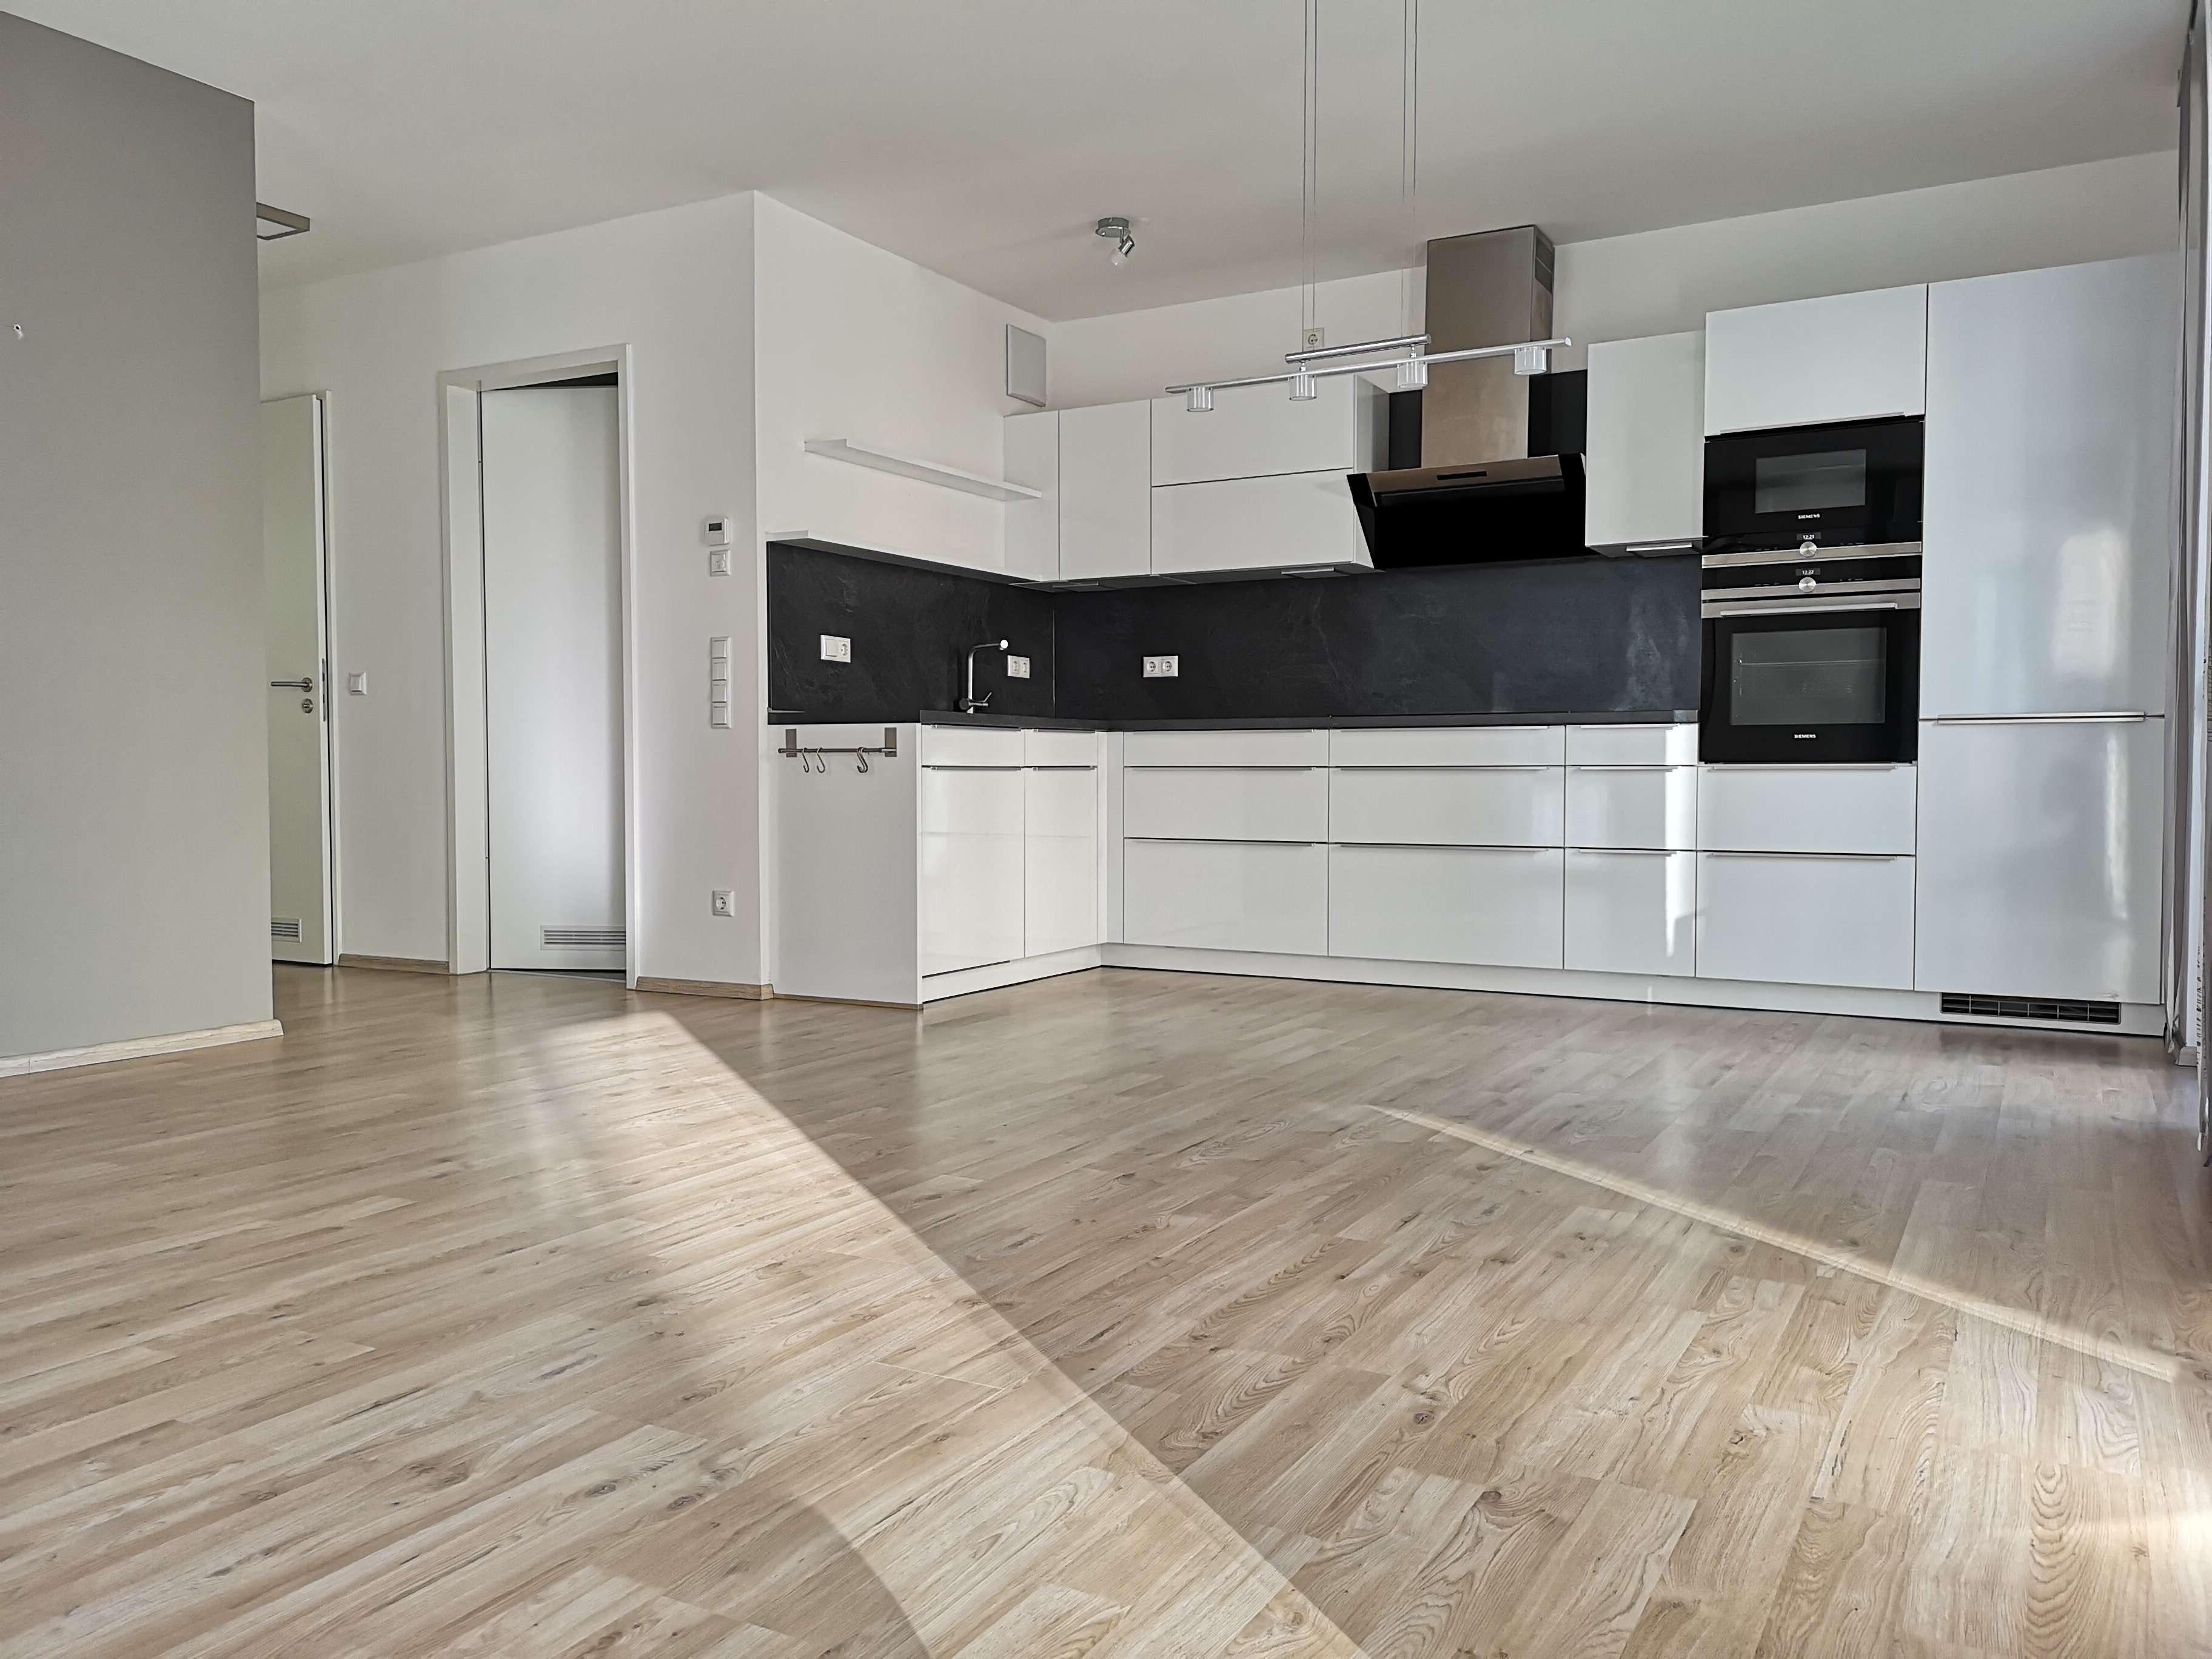 Neuwertige teilmöblierte 3-Zimmer-Wohnung mit Balkon in Haidenhof Nord (Passau)